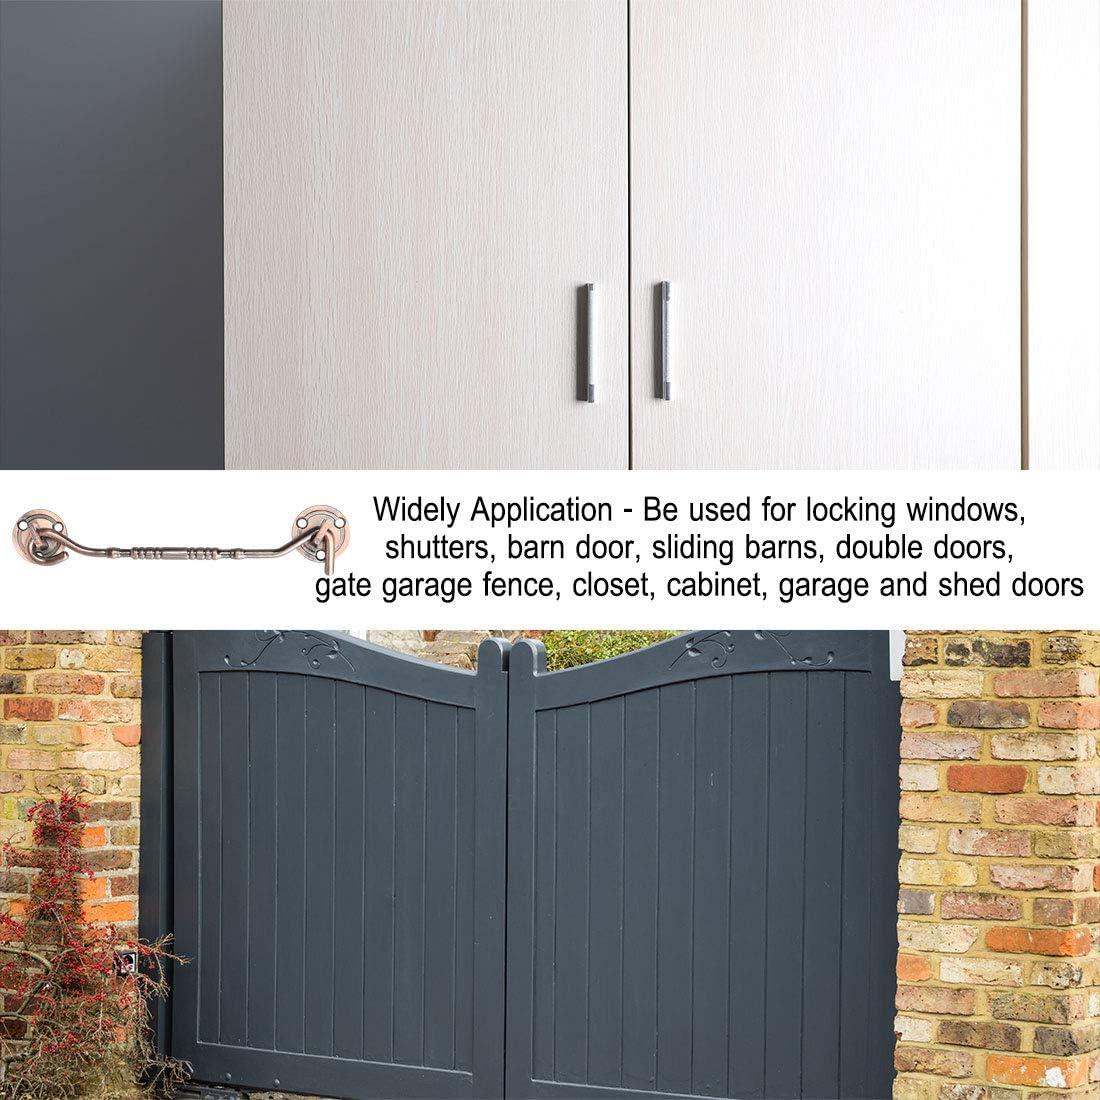 Uxcell Gancho de cabina, pestillo de ojo puerta de gancho de privacidad con acabado de bloqueo de tornillo para persianas puerta de granero puerta de cobertizo: Amazon.es: Bricolaje y herramientas